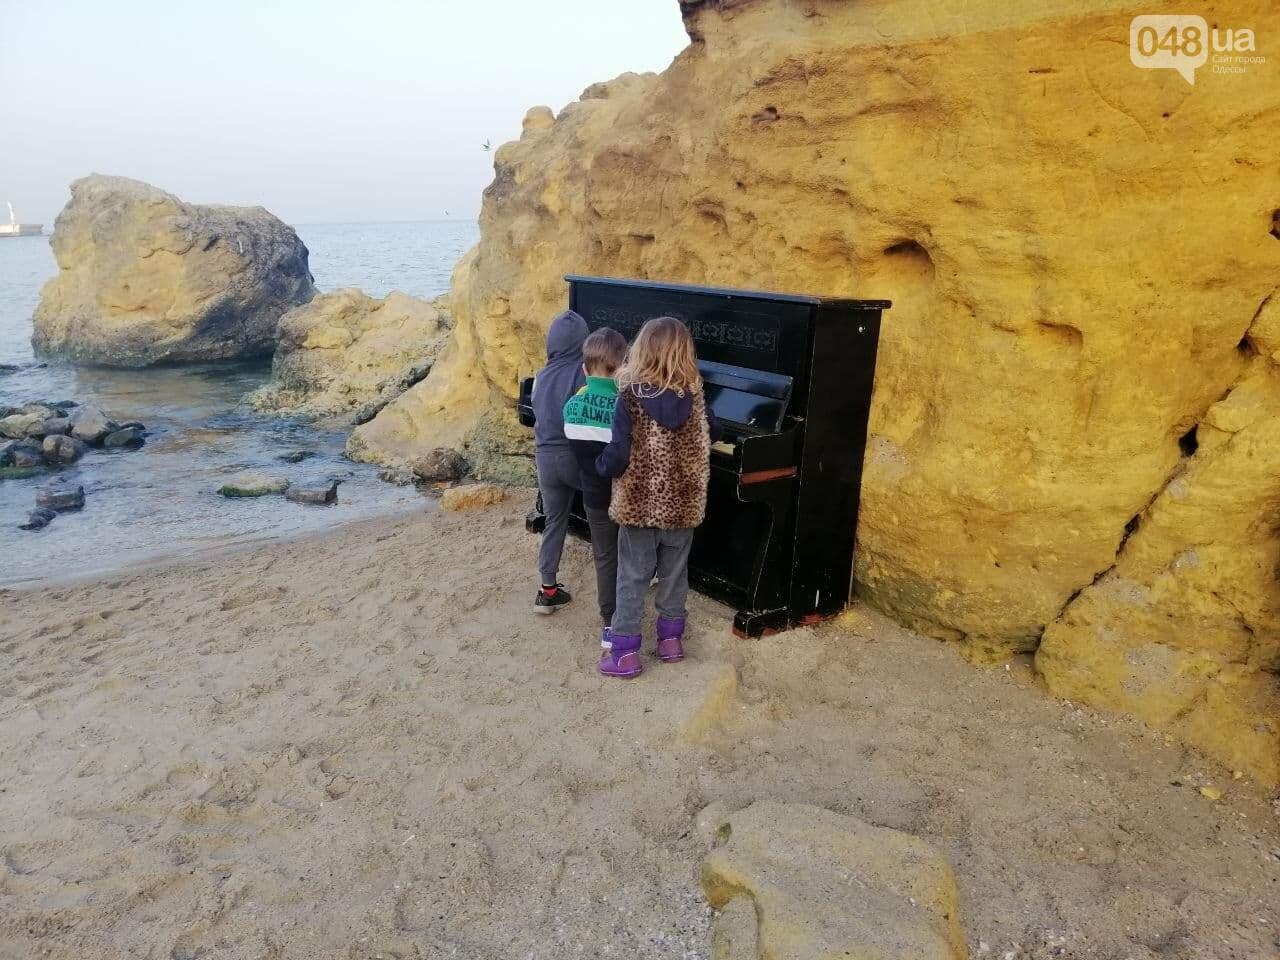 Пианино на Отраде: В Одессе на пляже звучит музыка,- ФОТО, ВИДЕО , фото-2